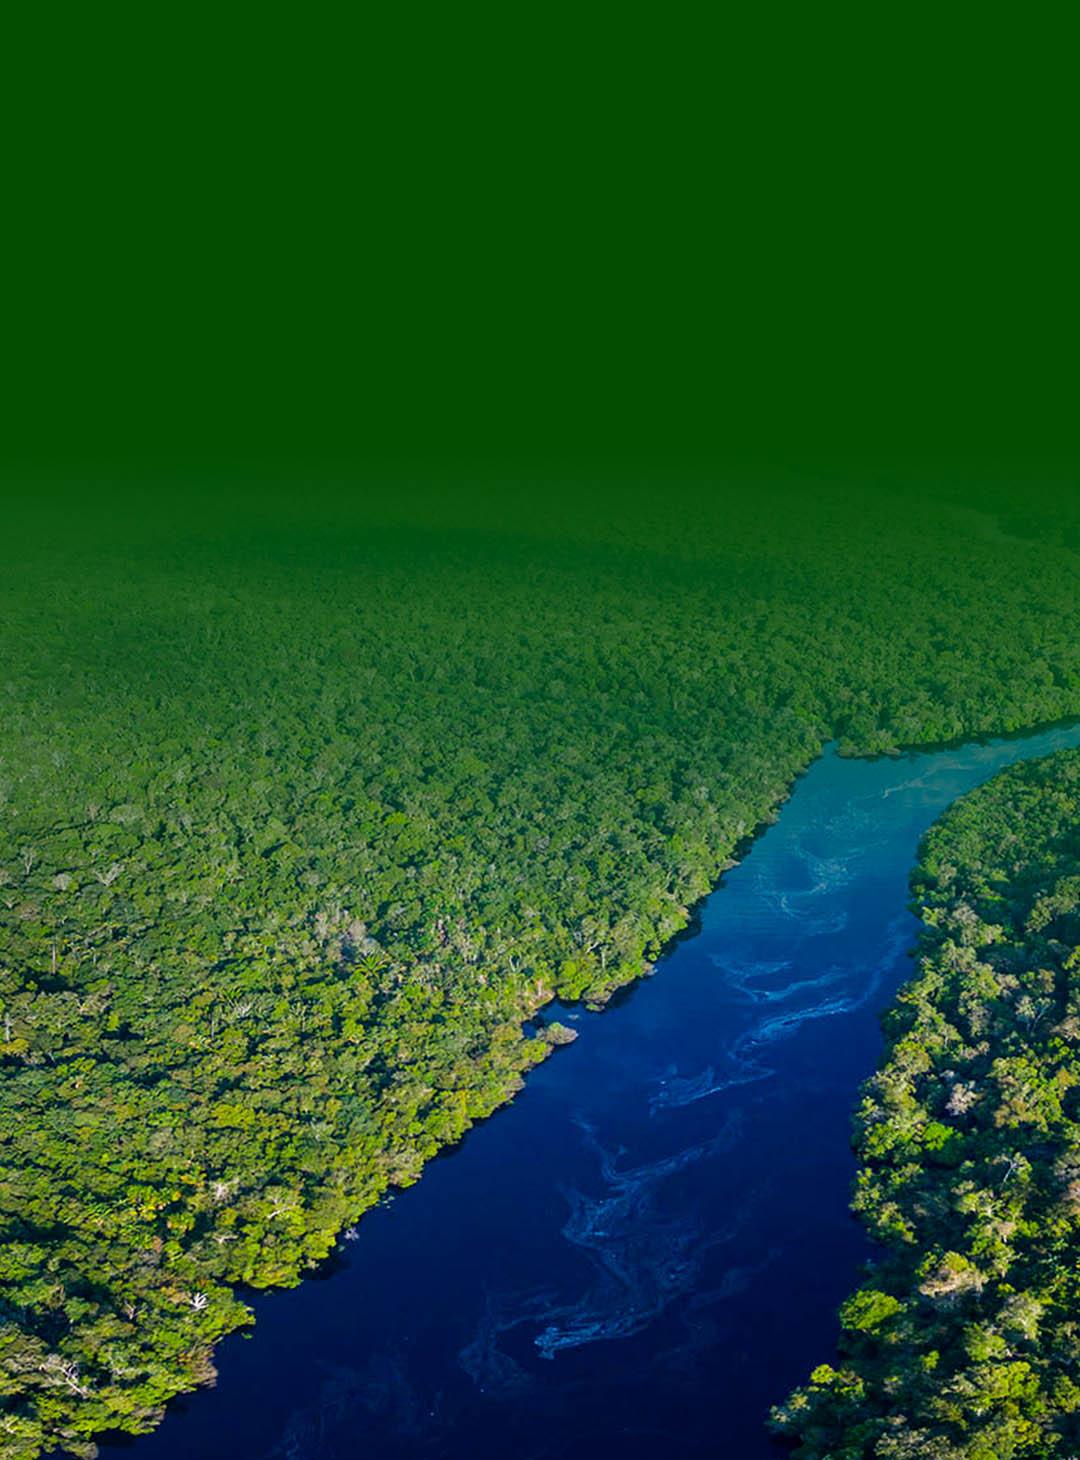 Floresta da amazonia mostrando no meio um rio